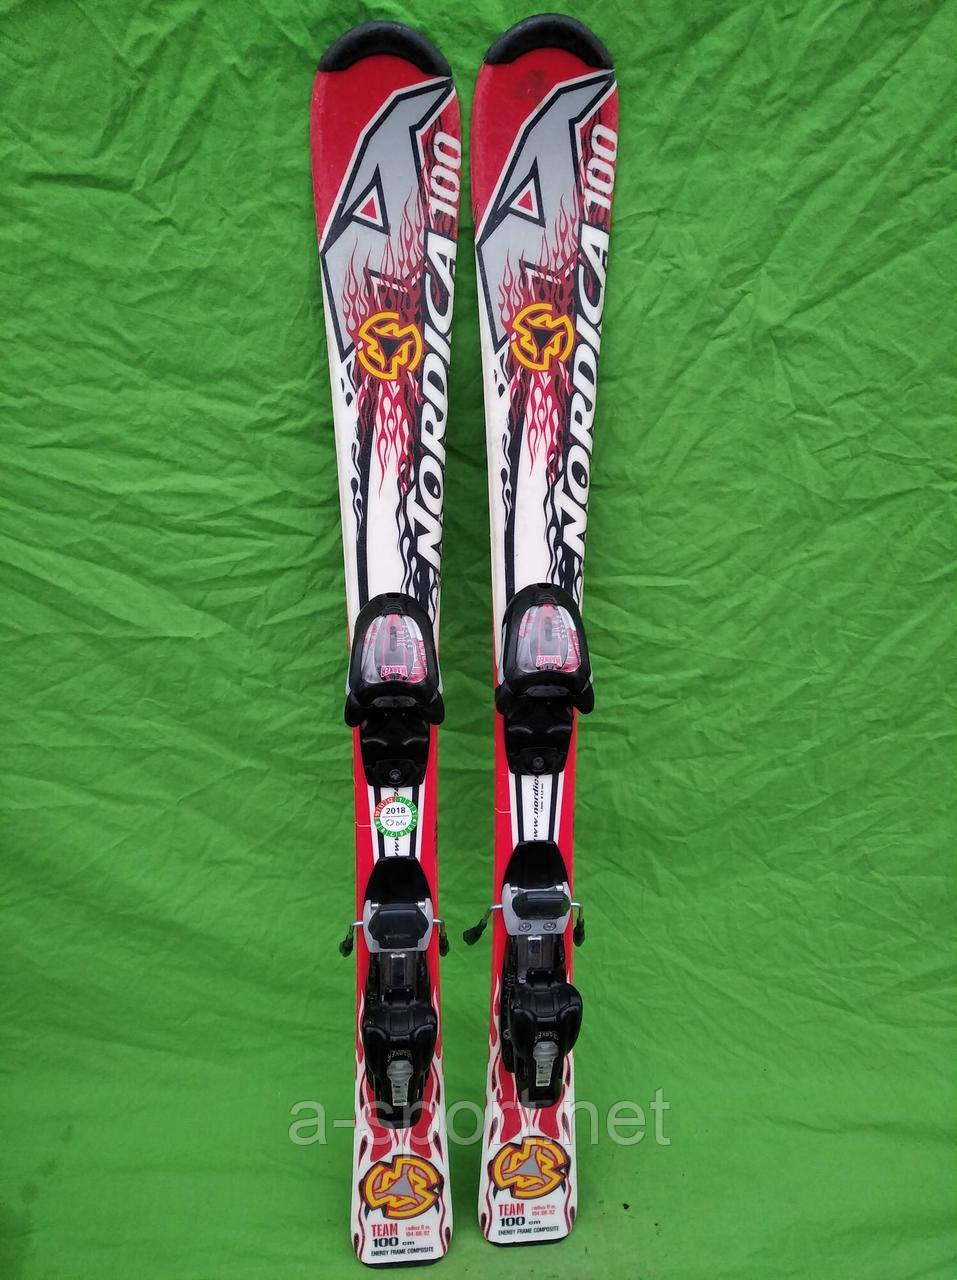 Гірські лижі бу Nordica Team 100 см для карвінгу